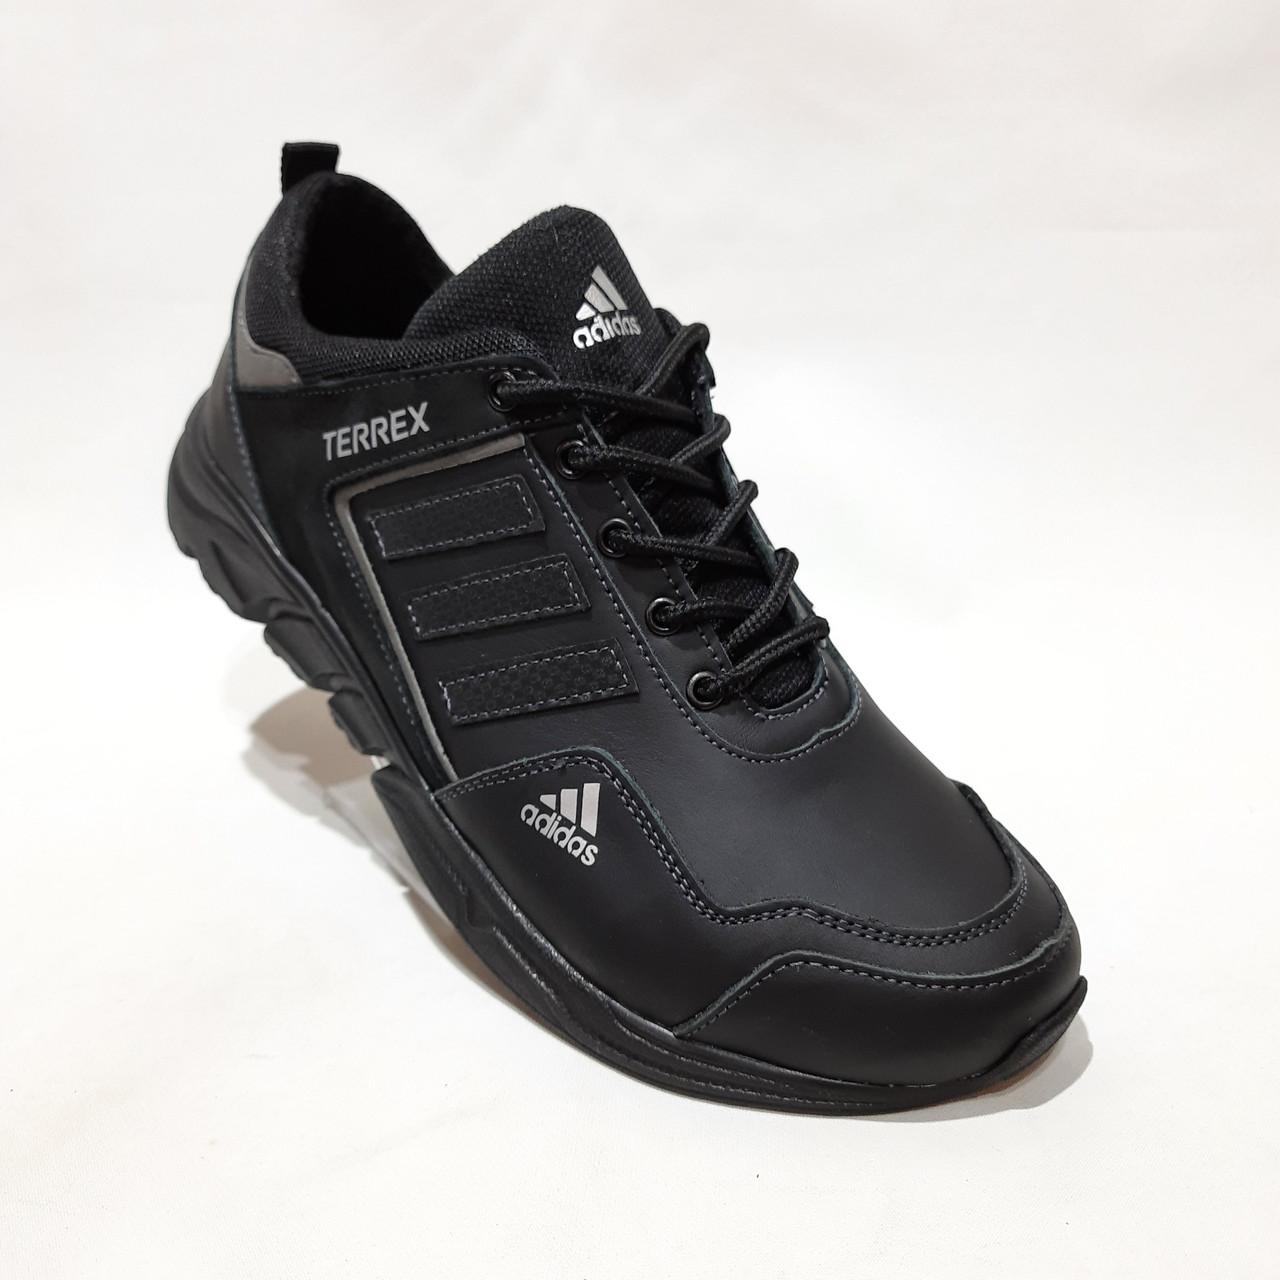 Чоловічі кросівки весняні шкіряні, в стилі Адідас Terrex легкі